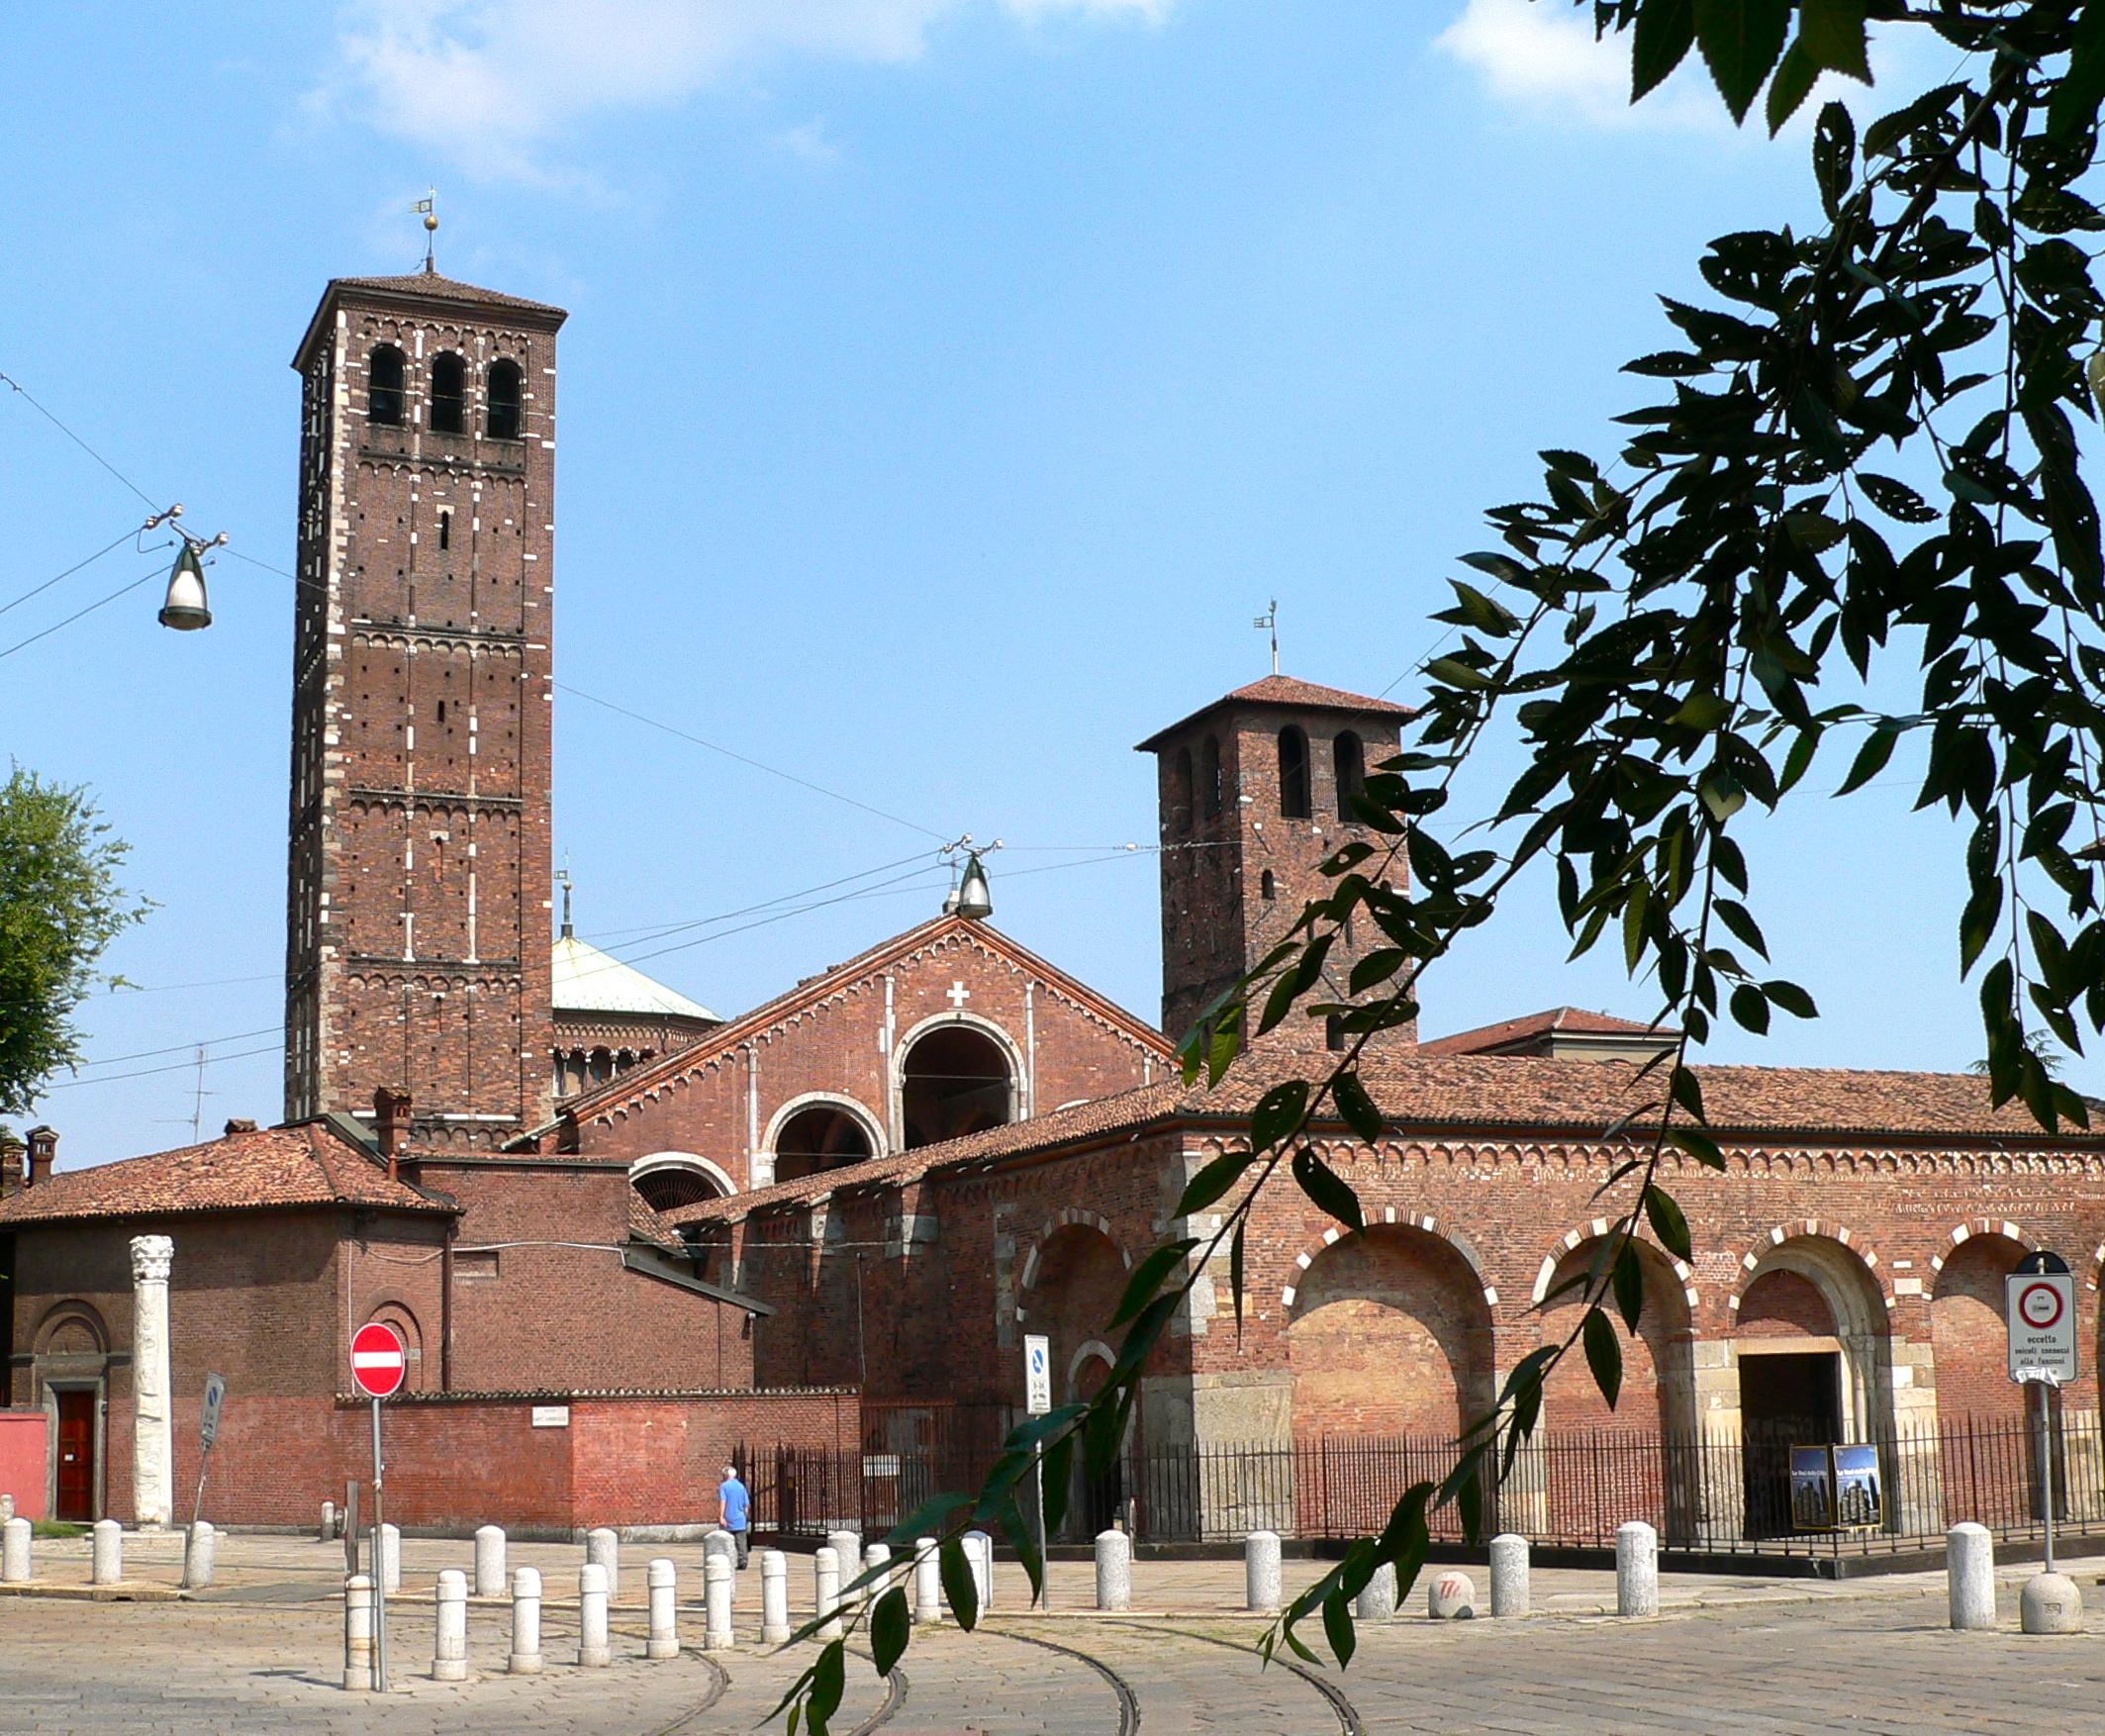 Il Portico Di Sam basilica of sant'ambrogio - wikipedia